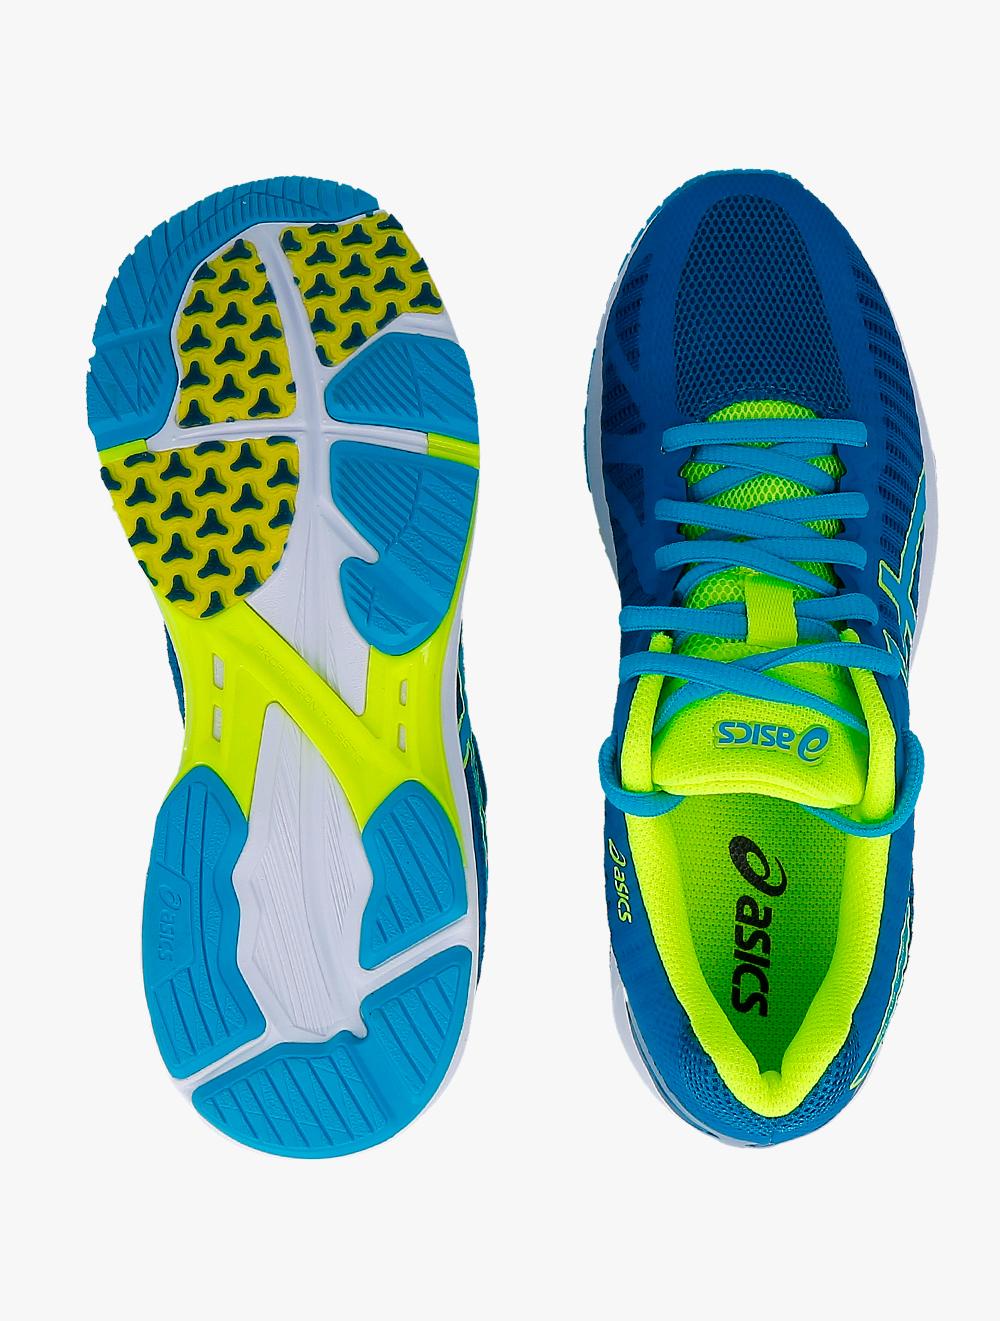 Kjører Timus Timus Chaussures Kjører Chaussures Chaussures